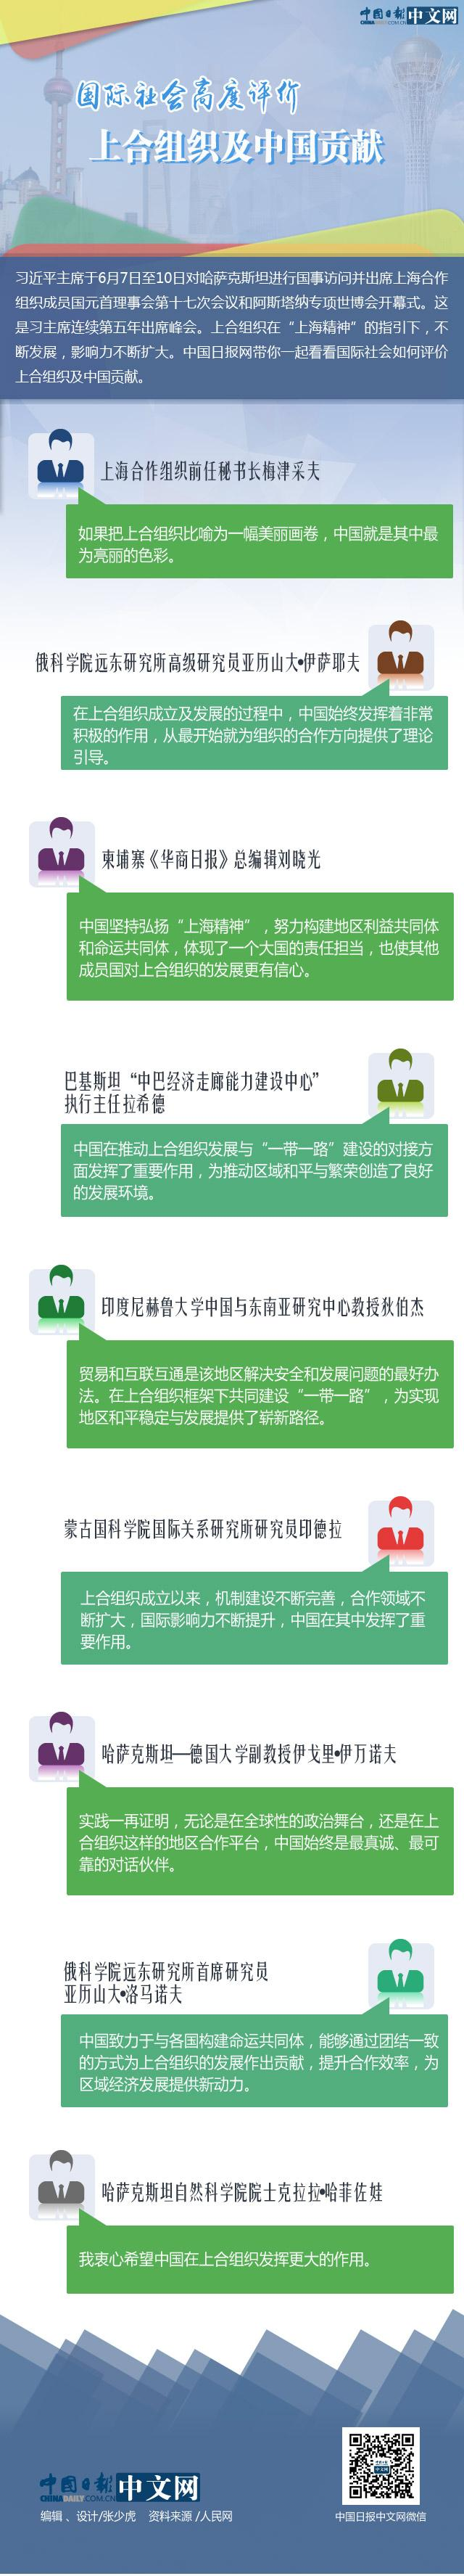 国际社会高度评价上合组织及中国贡献